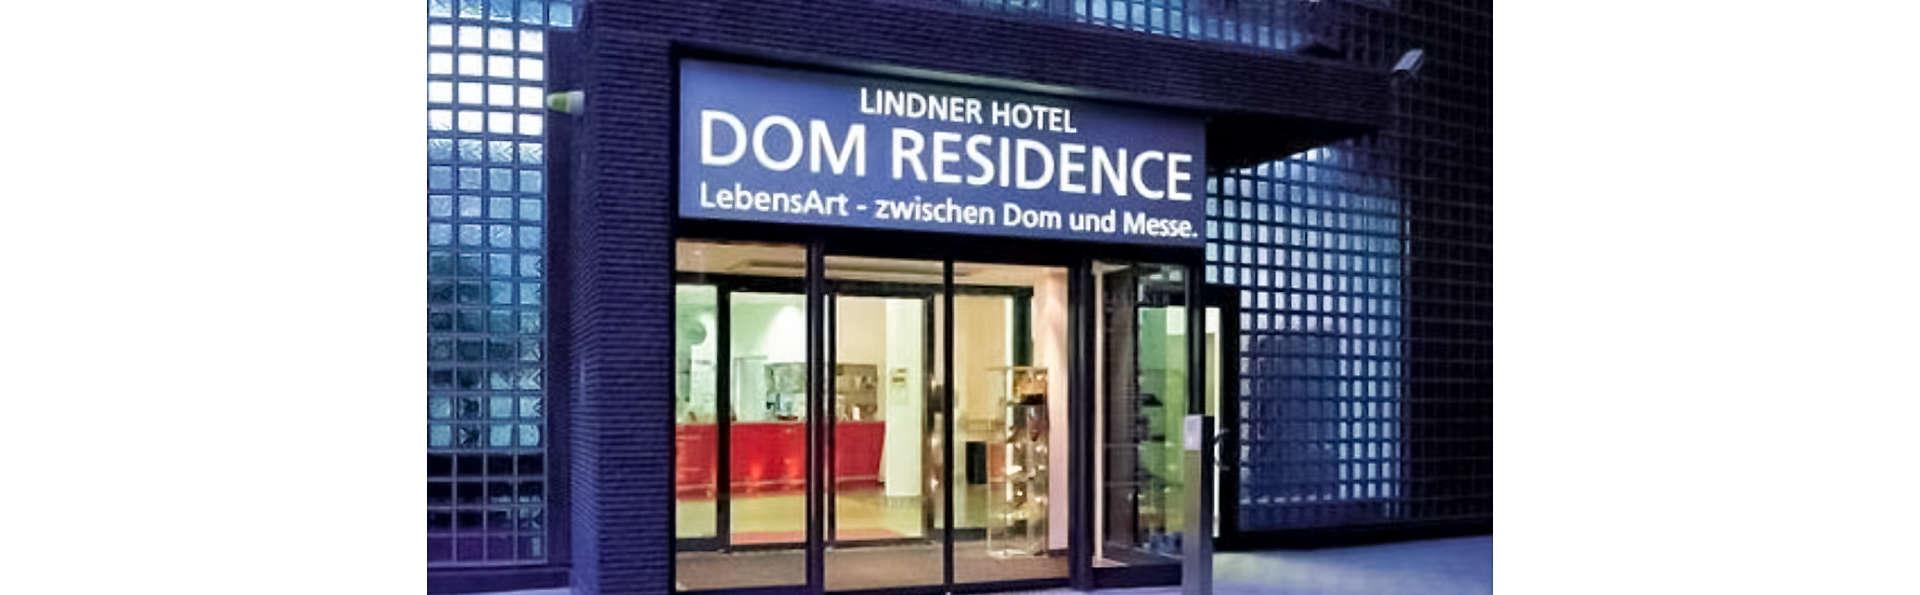 Lindner Hotel Dom Residence - EDIT_FRONT_01.jpg